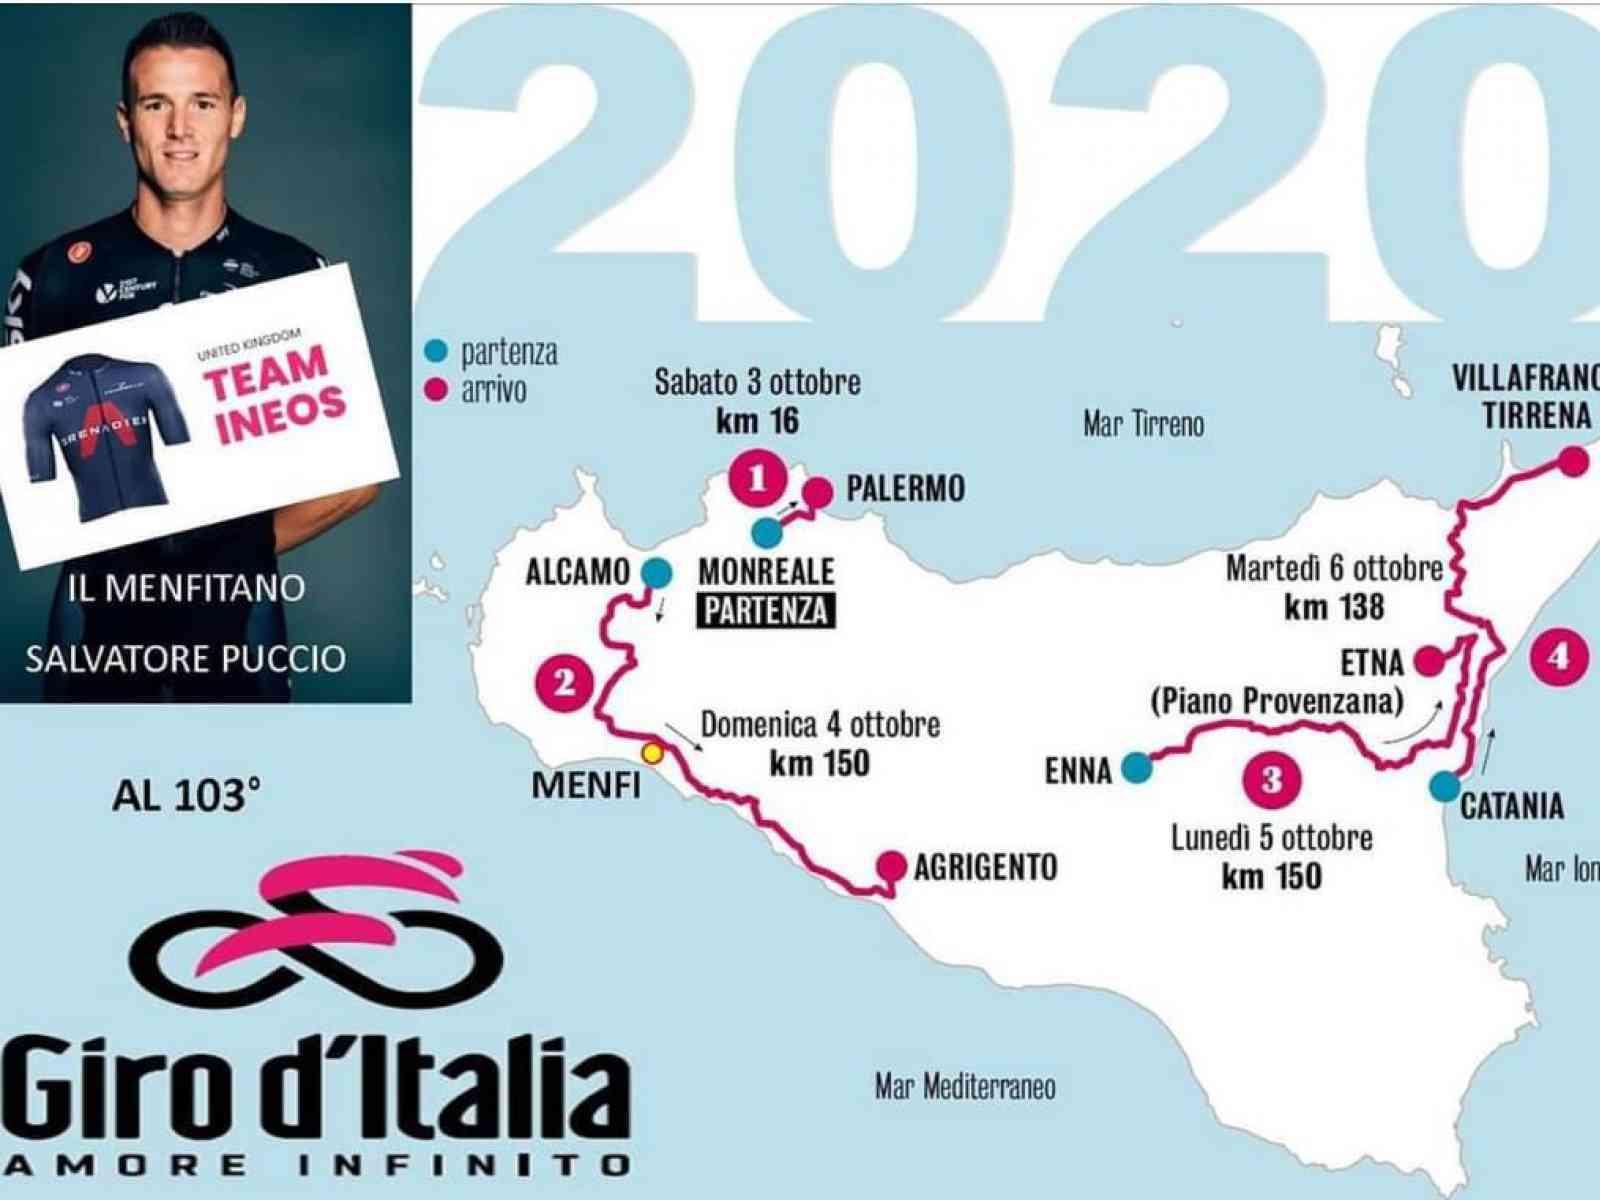 Immagine articolo: Giro d'Italia, anche quest'anno Menfi aspetta il passaggio del suo campione Salvatore Puccio